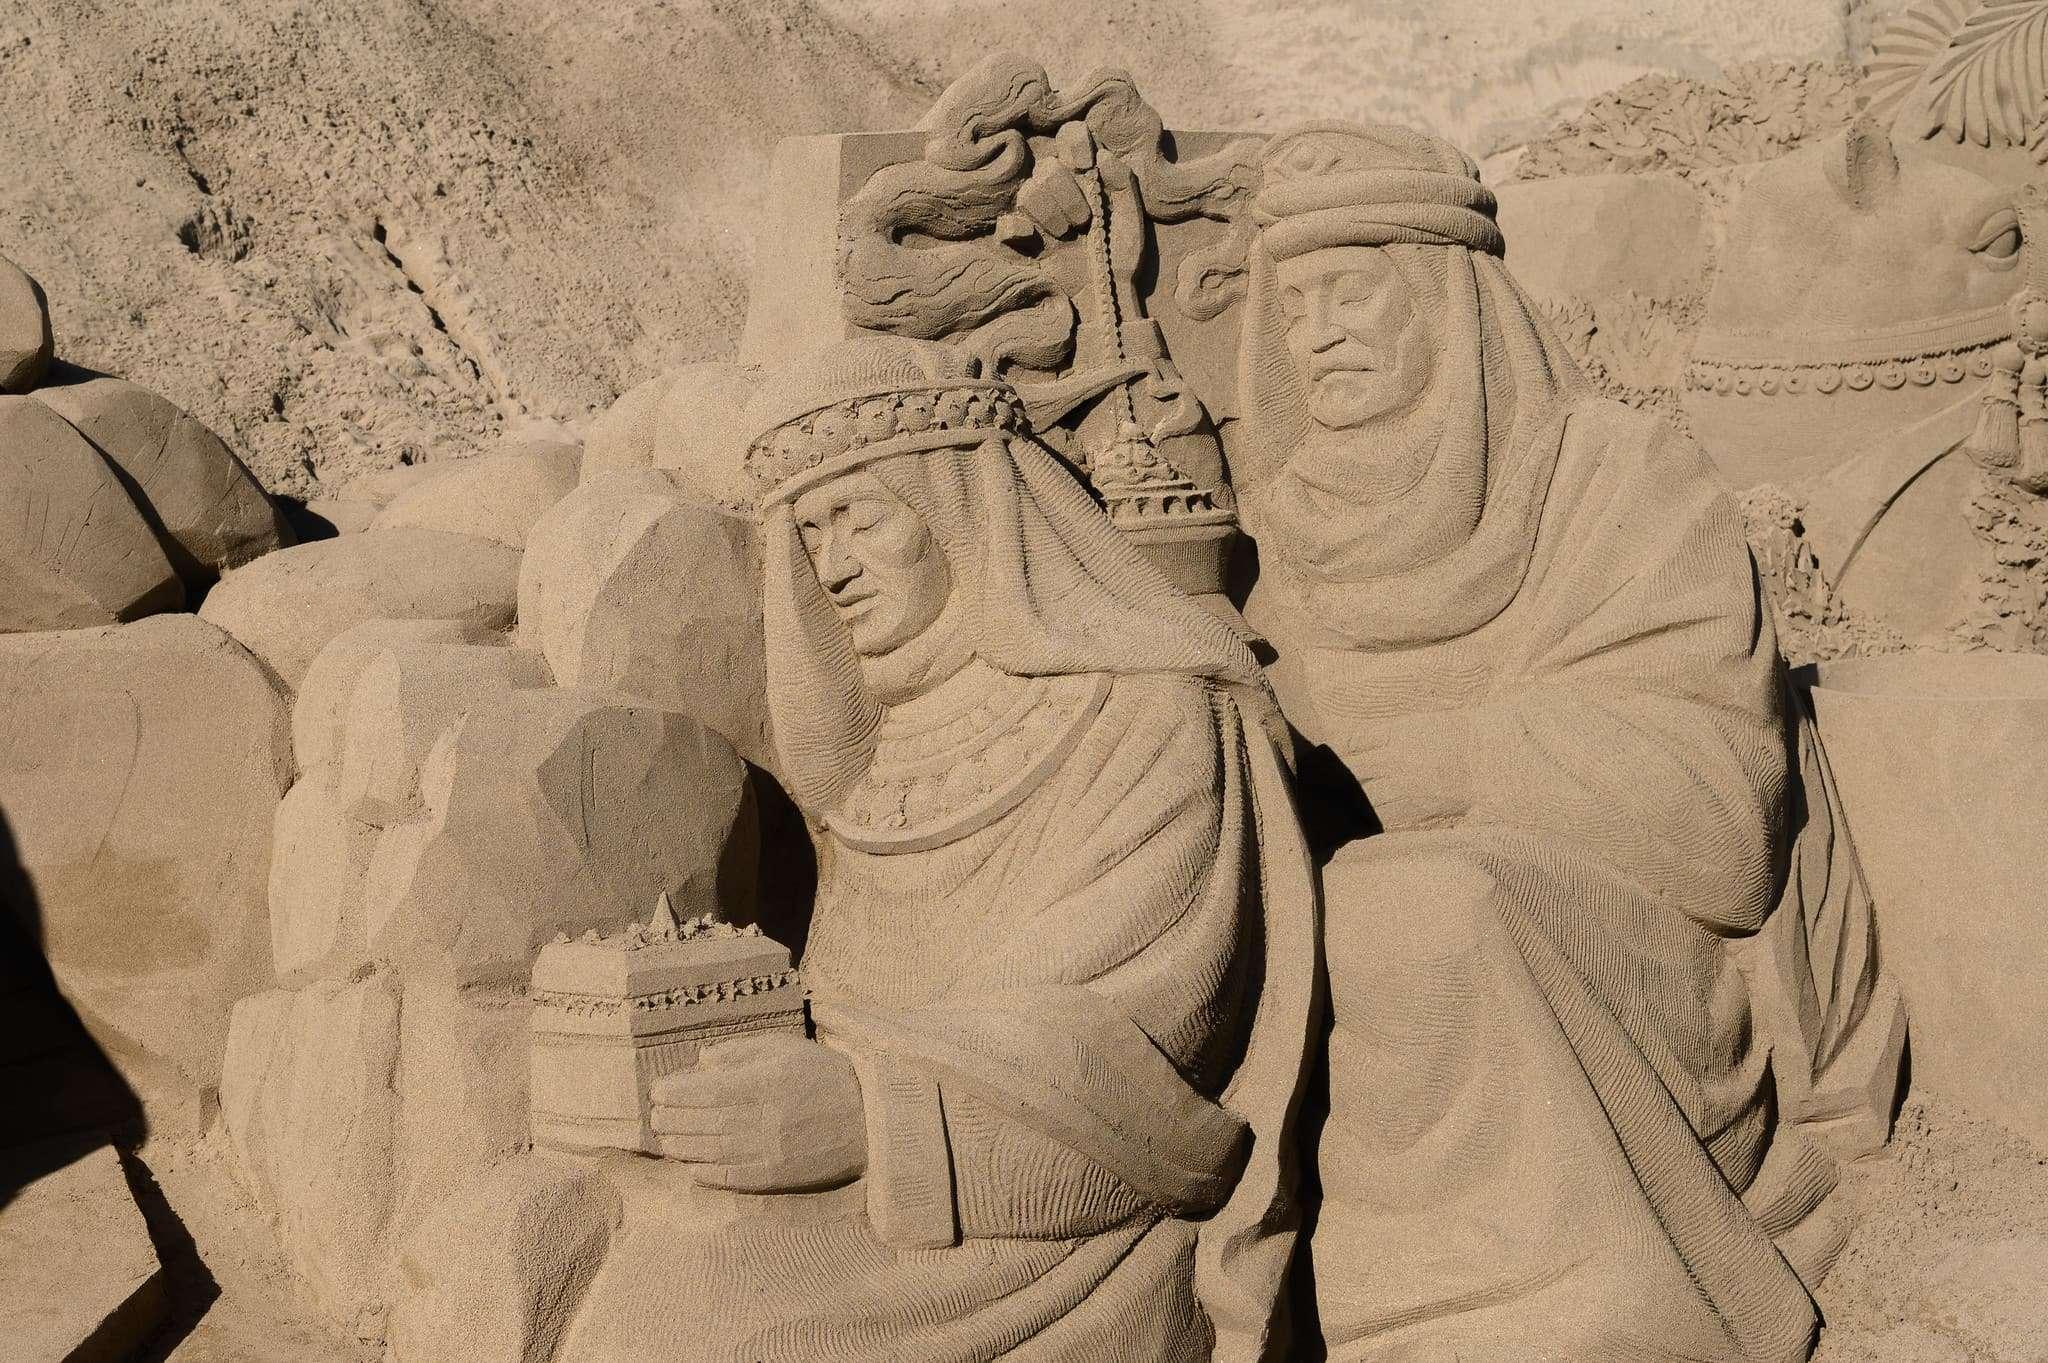 Un original Belén de arena para la navidad en Gran Canaria 66